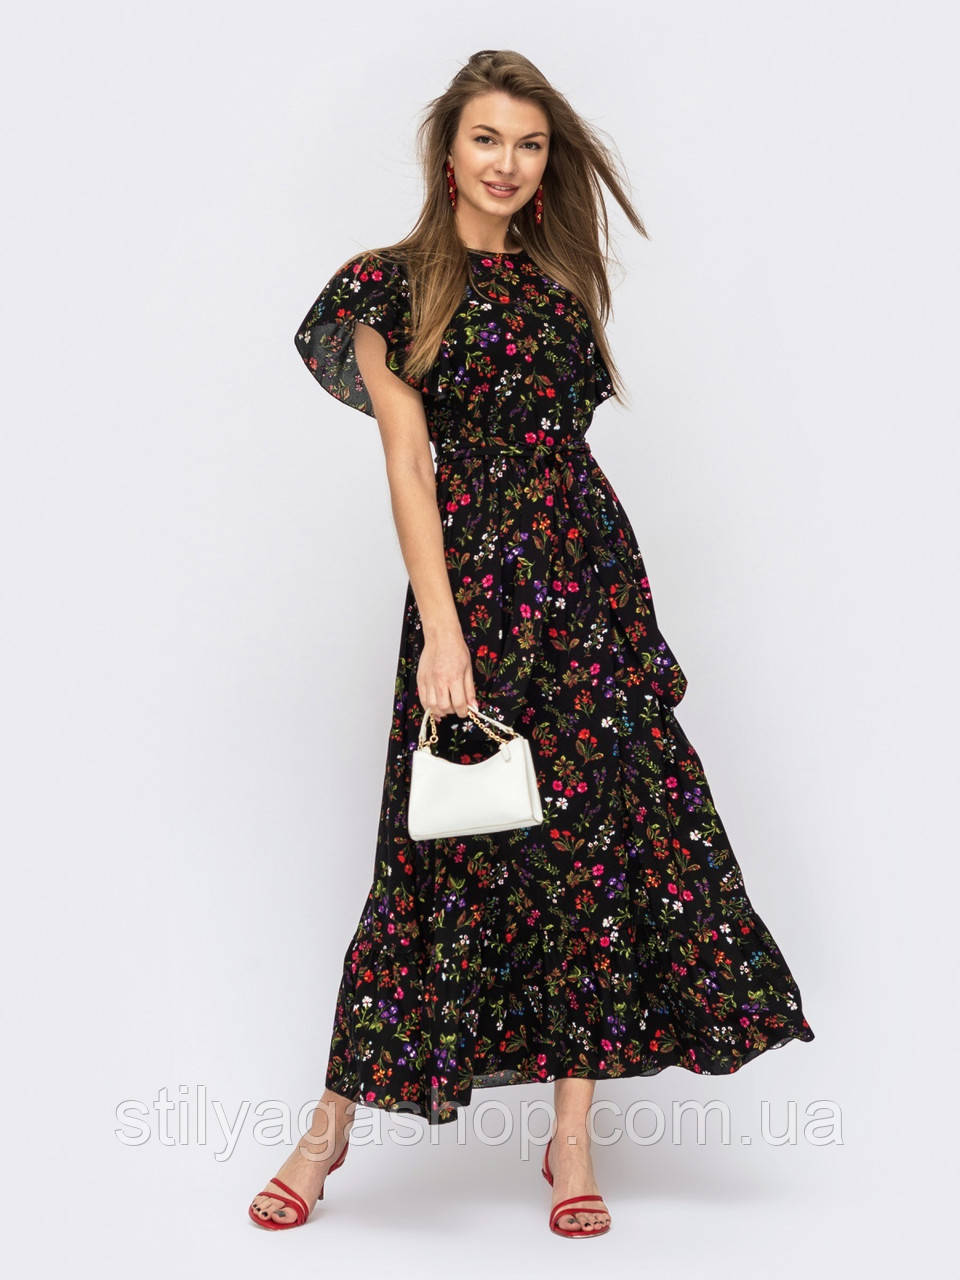 Длинное платье в цветочном принте ЛЕТО